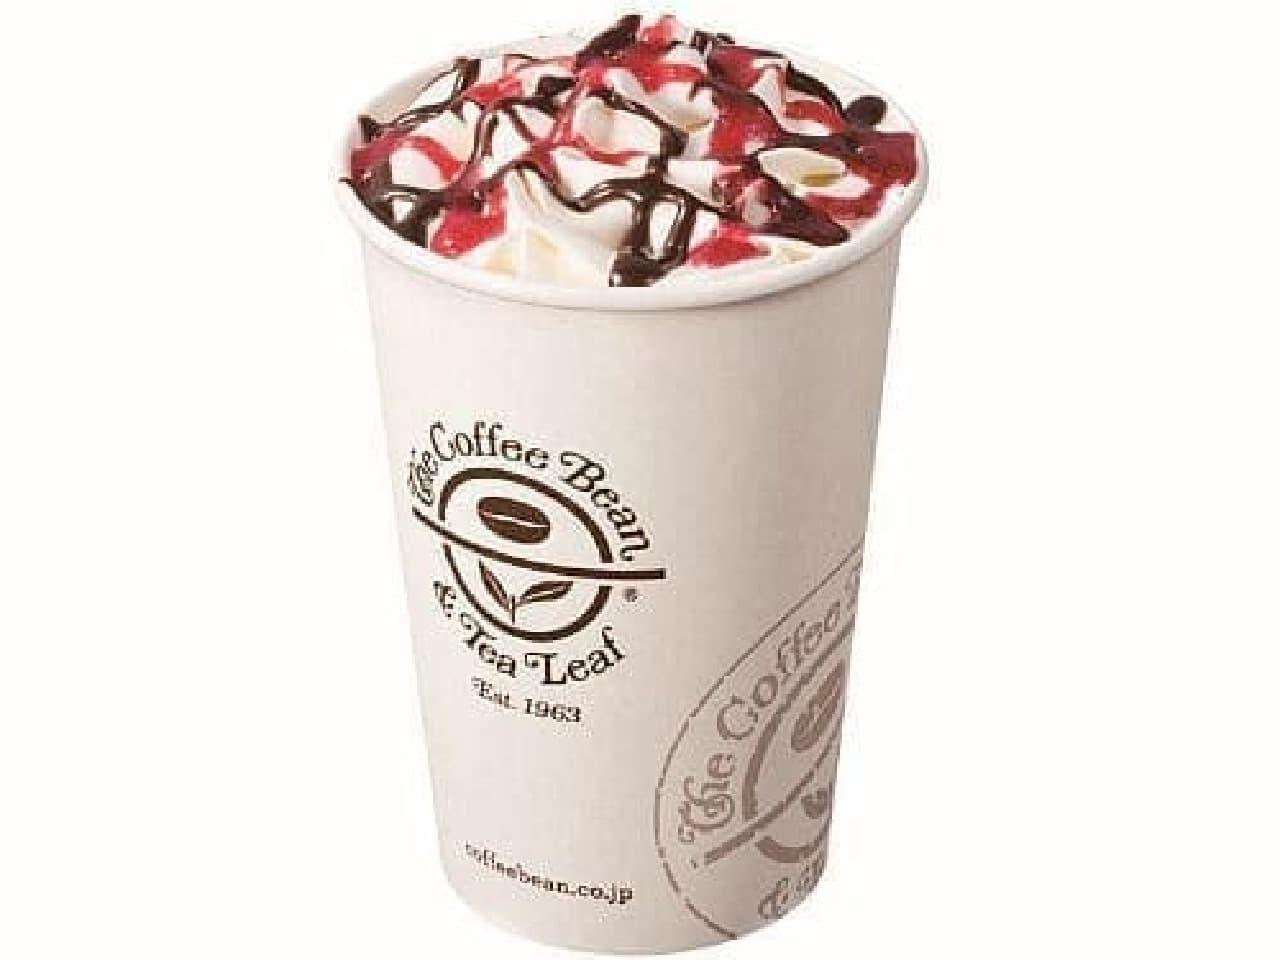 コーヒービーン&ティーリーフ「チョコレート クランベリー ティーラテ」